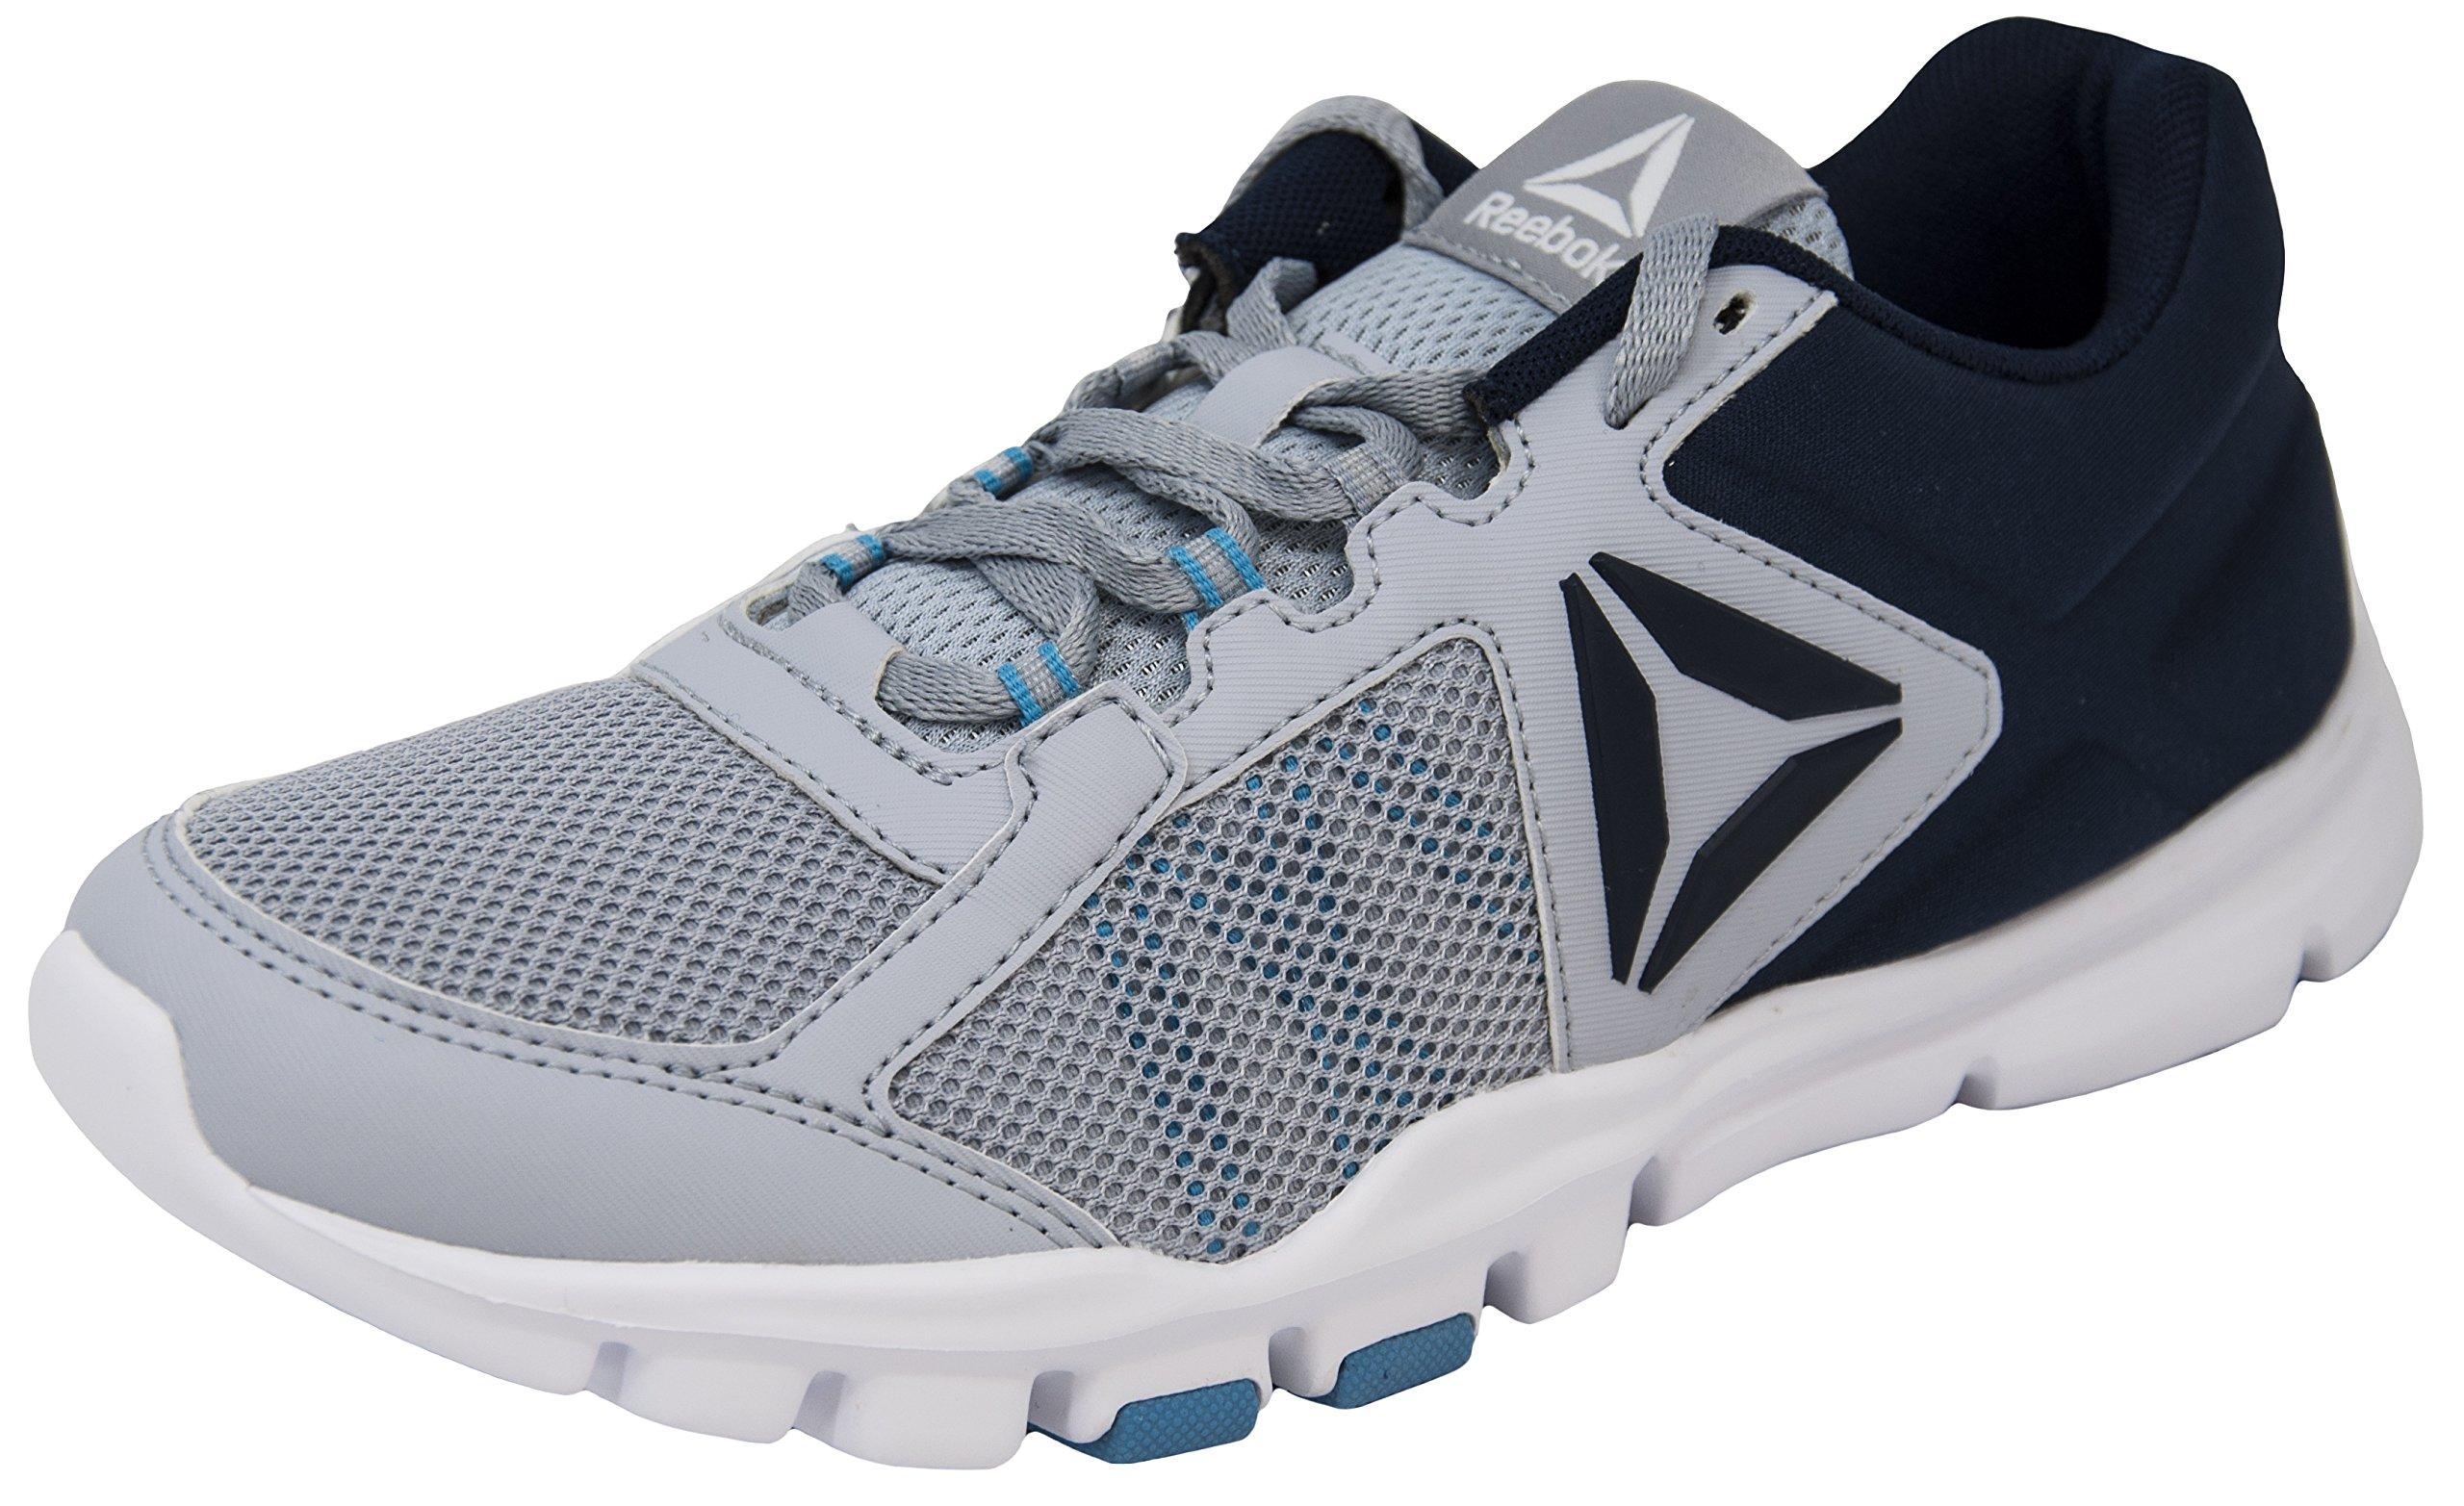 Reebok Your Flex Trainette 9.0 Mtm Training Women's Shoes Size 7.5